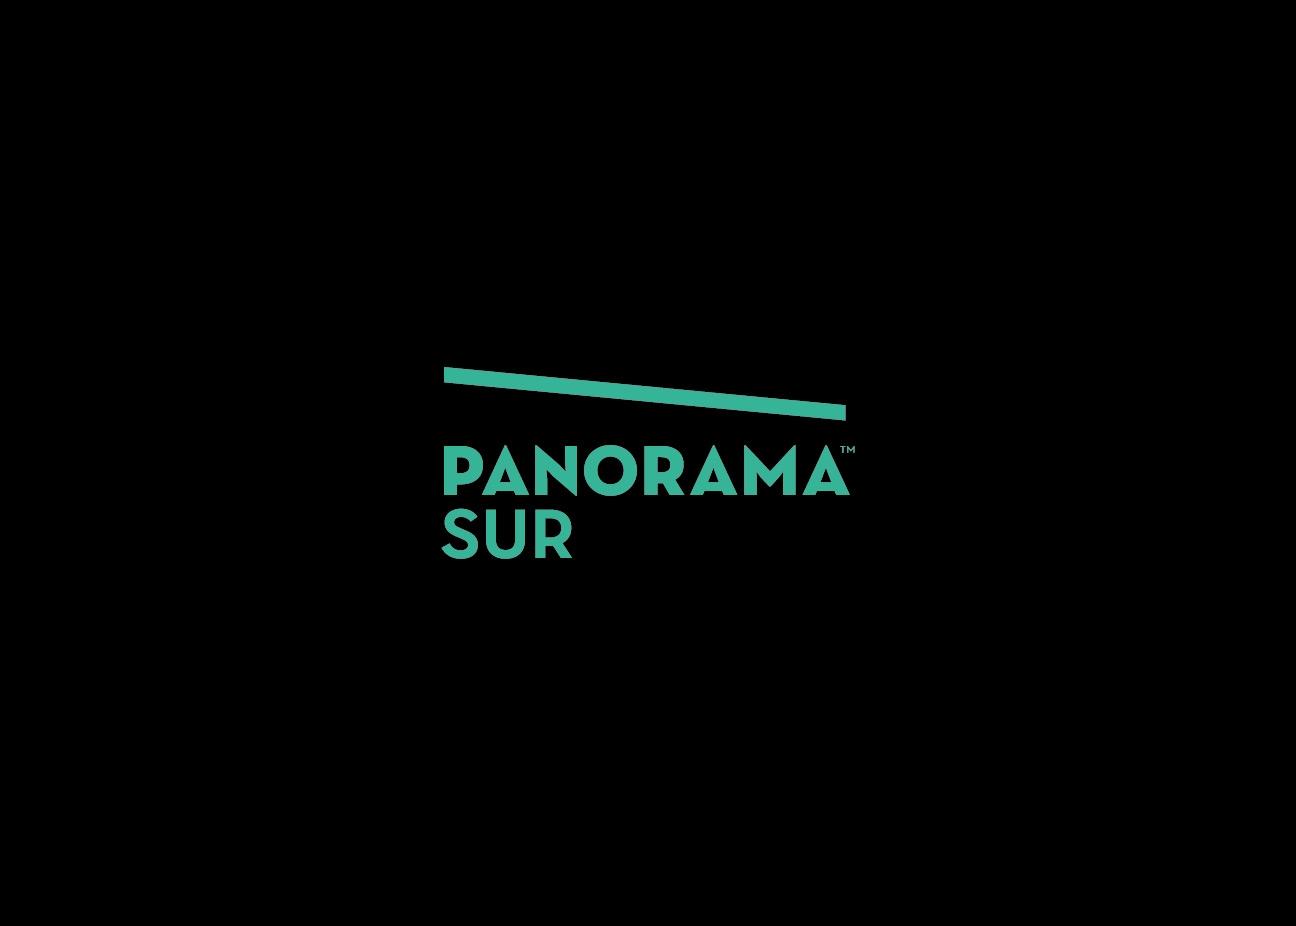 Diseño de marca para organización cultural. Diseño de logotipo de Panorama Sur.